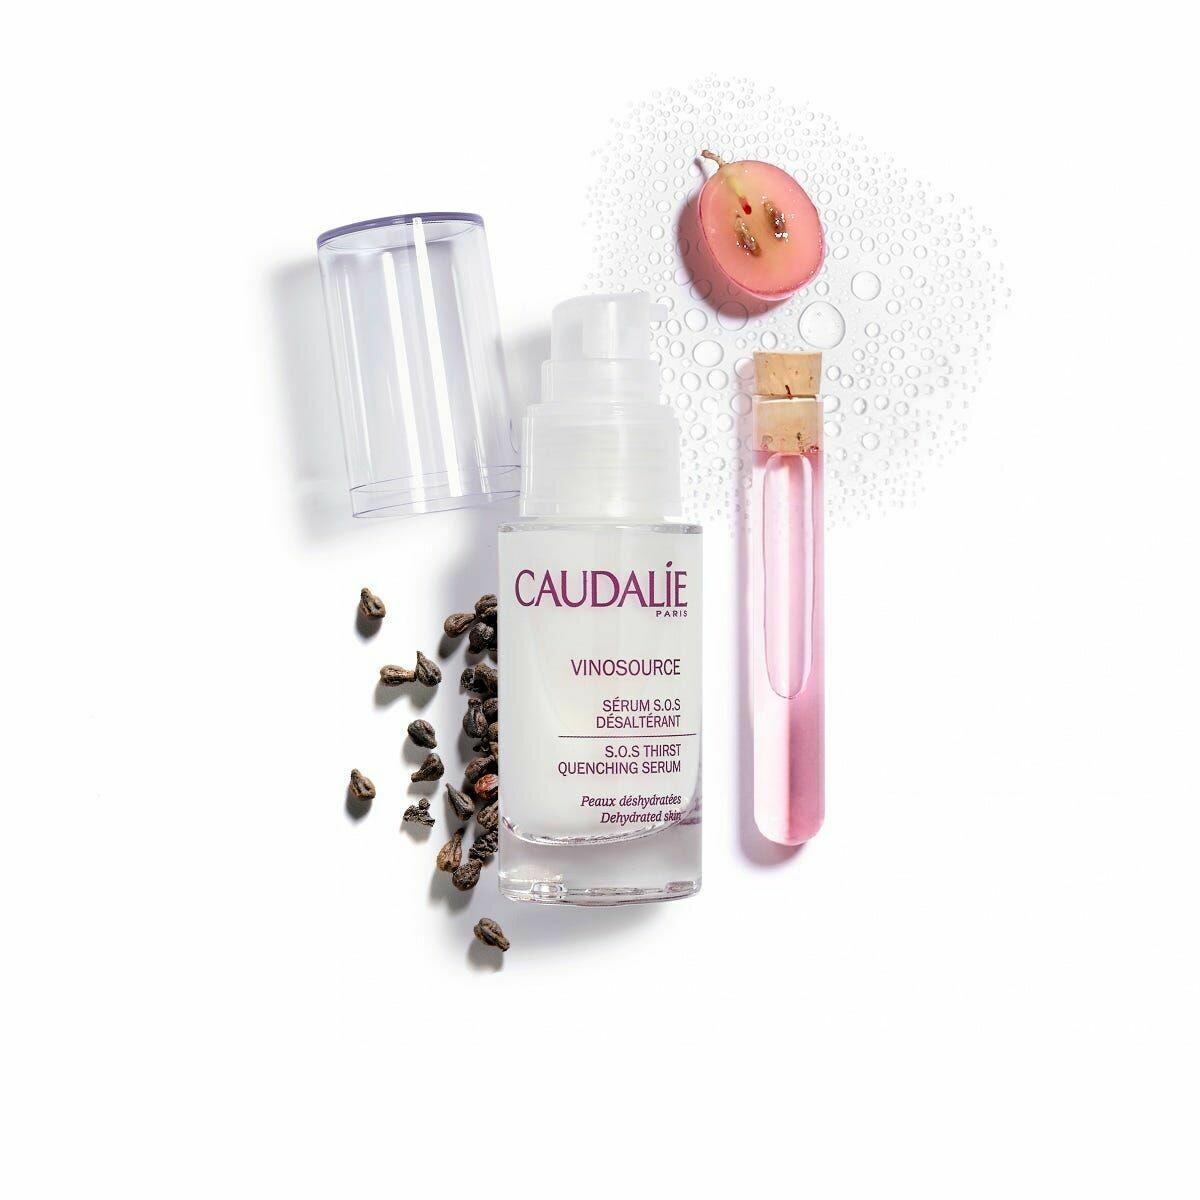 Caudalie Vinosource S.O.S Thirst-Quenching Serum 30ml